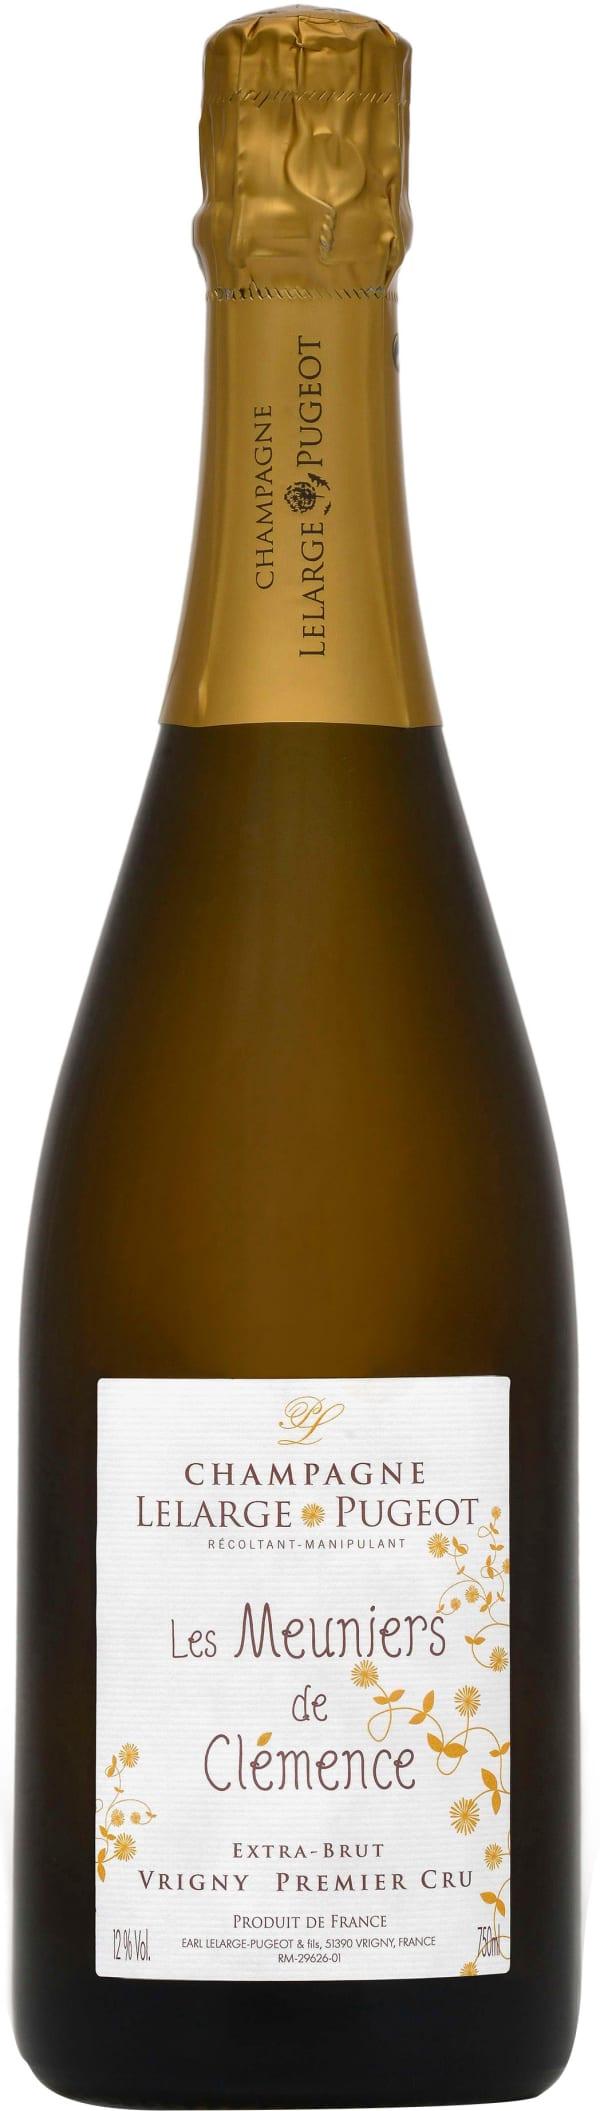 Lelarge-Pugeot Les Meuniers de Clemence Champagne Extra Brut 2011